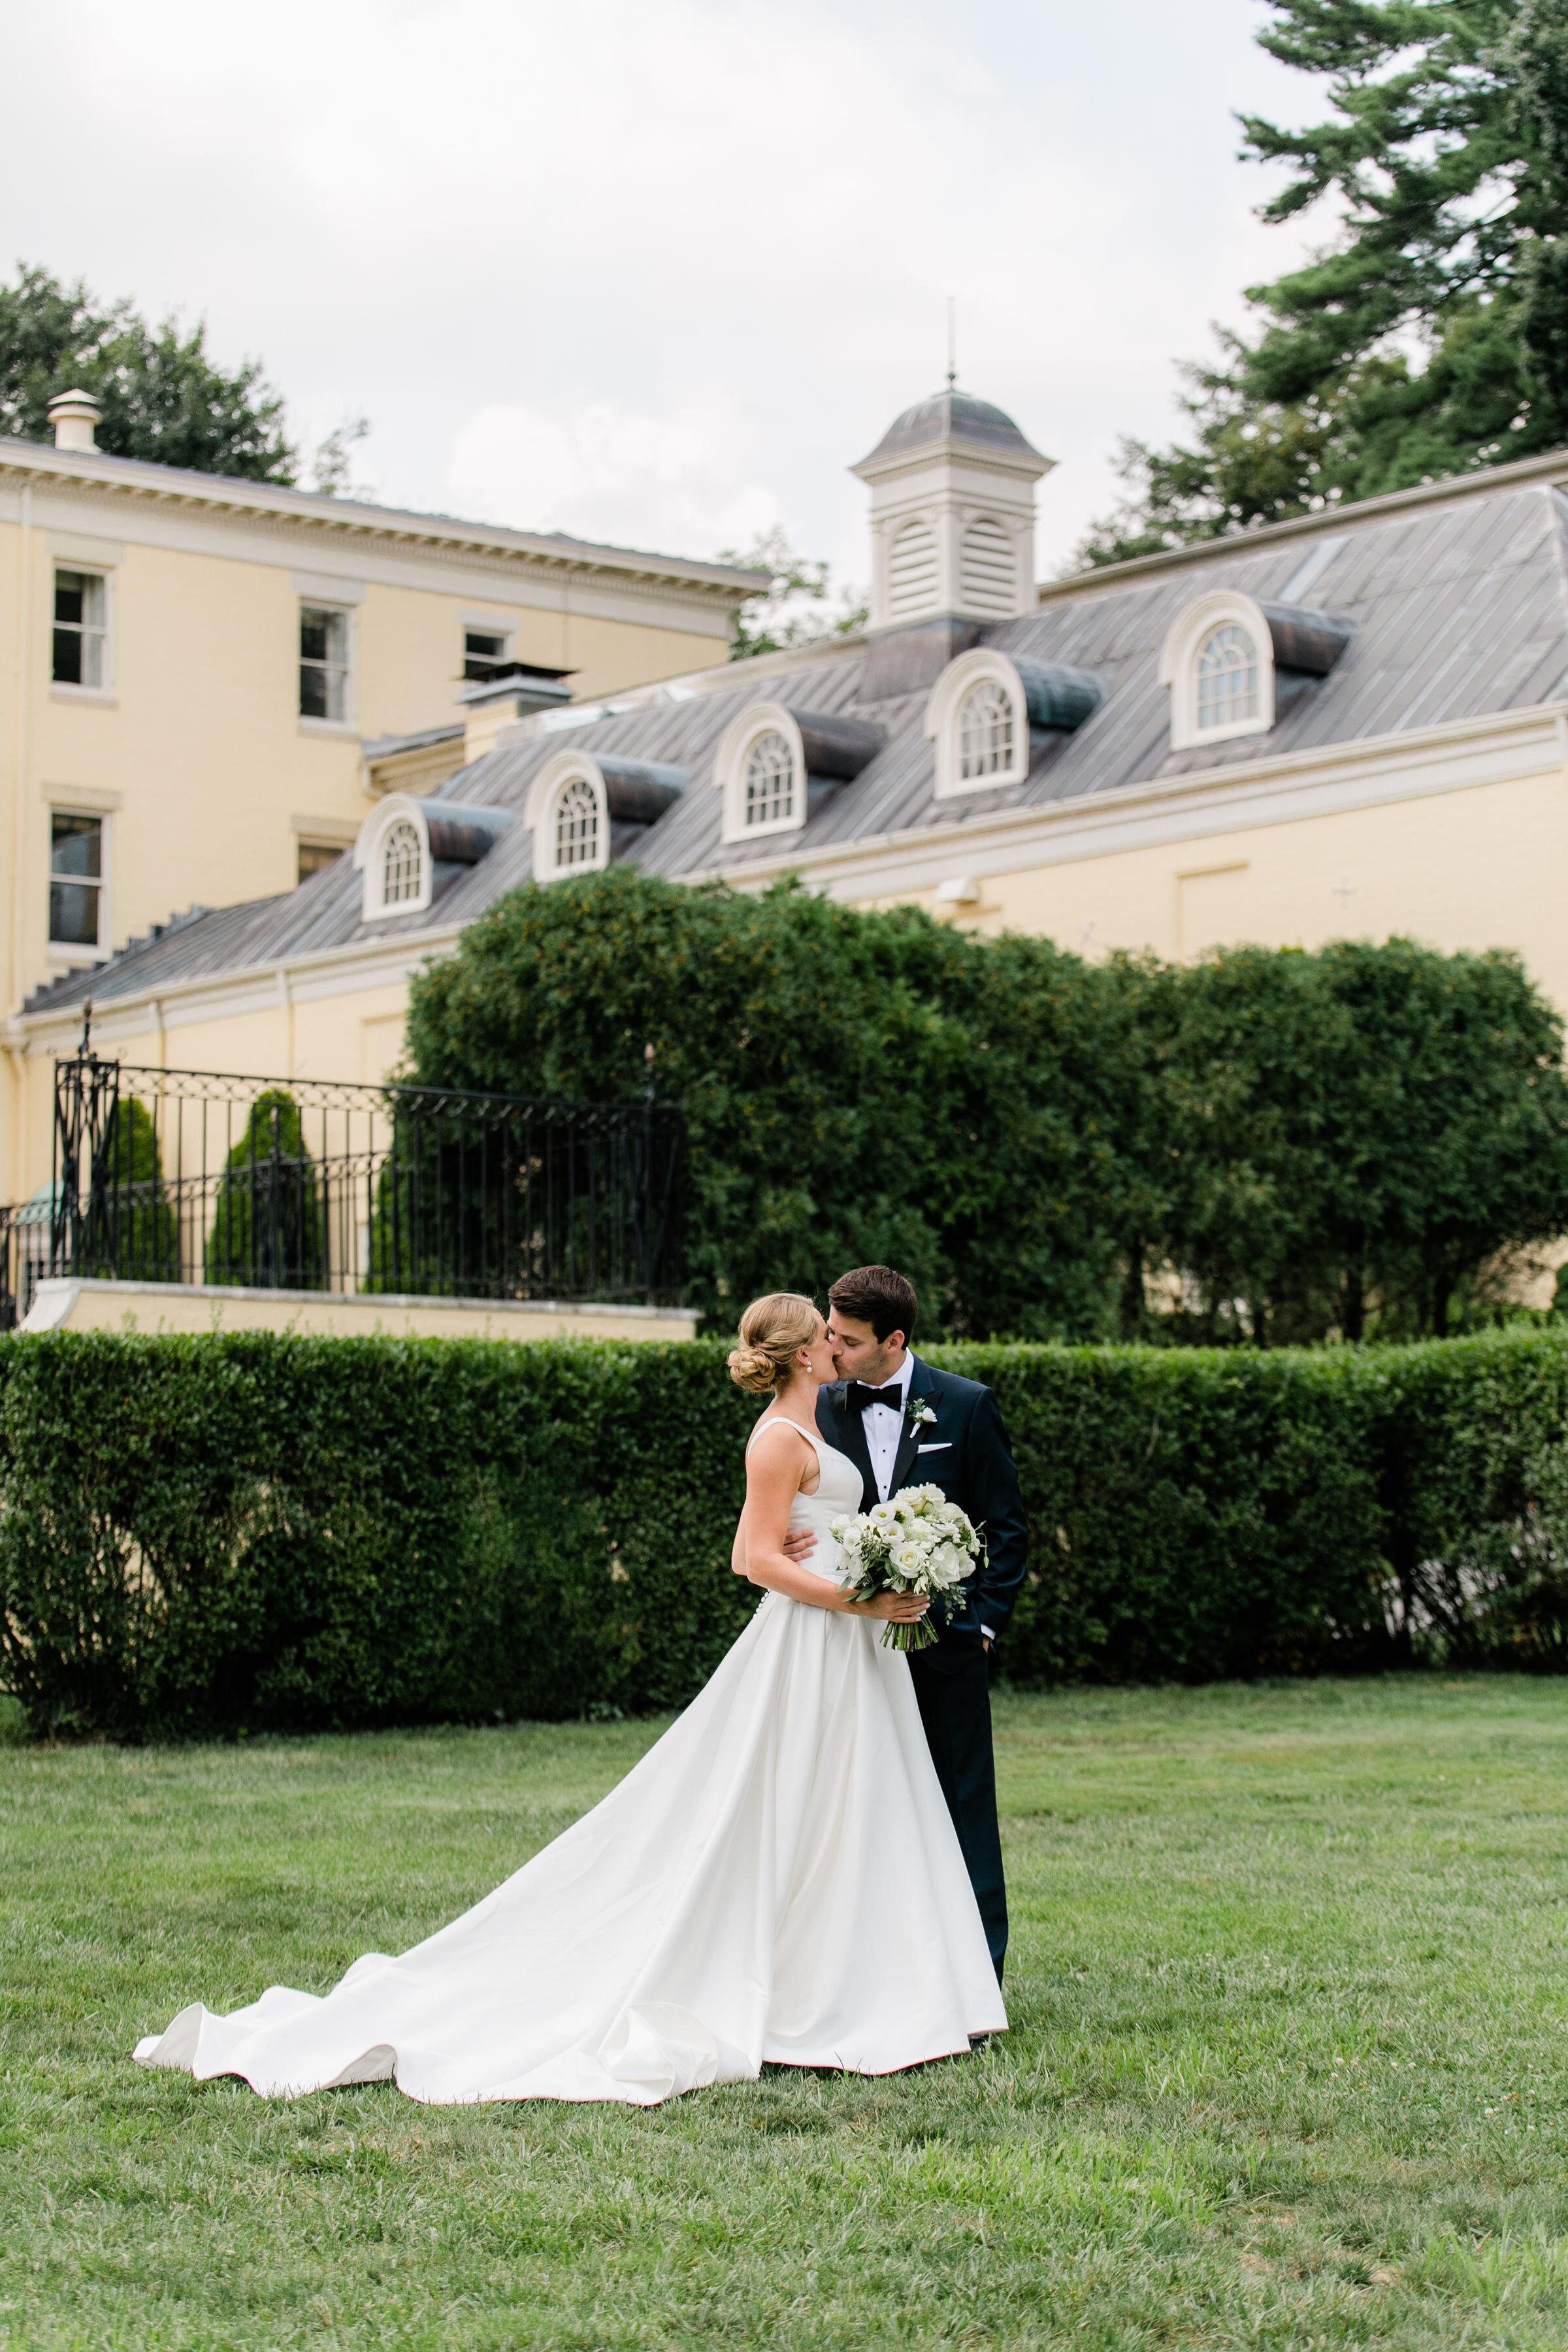 03.03_Caroline&Brendan__JenHarveyPhotography-186.jpg